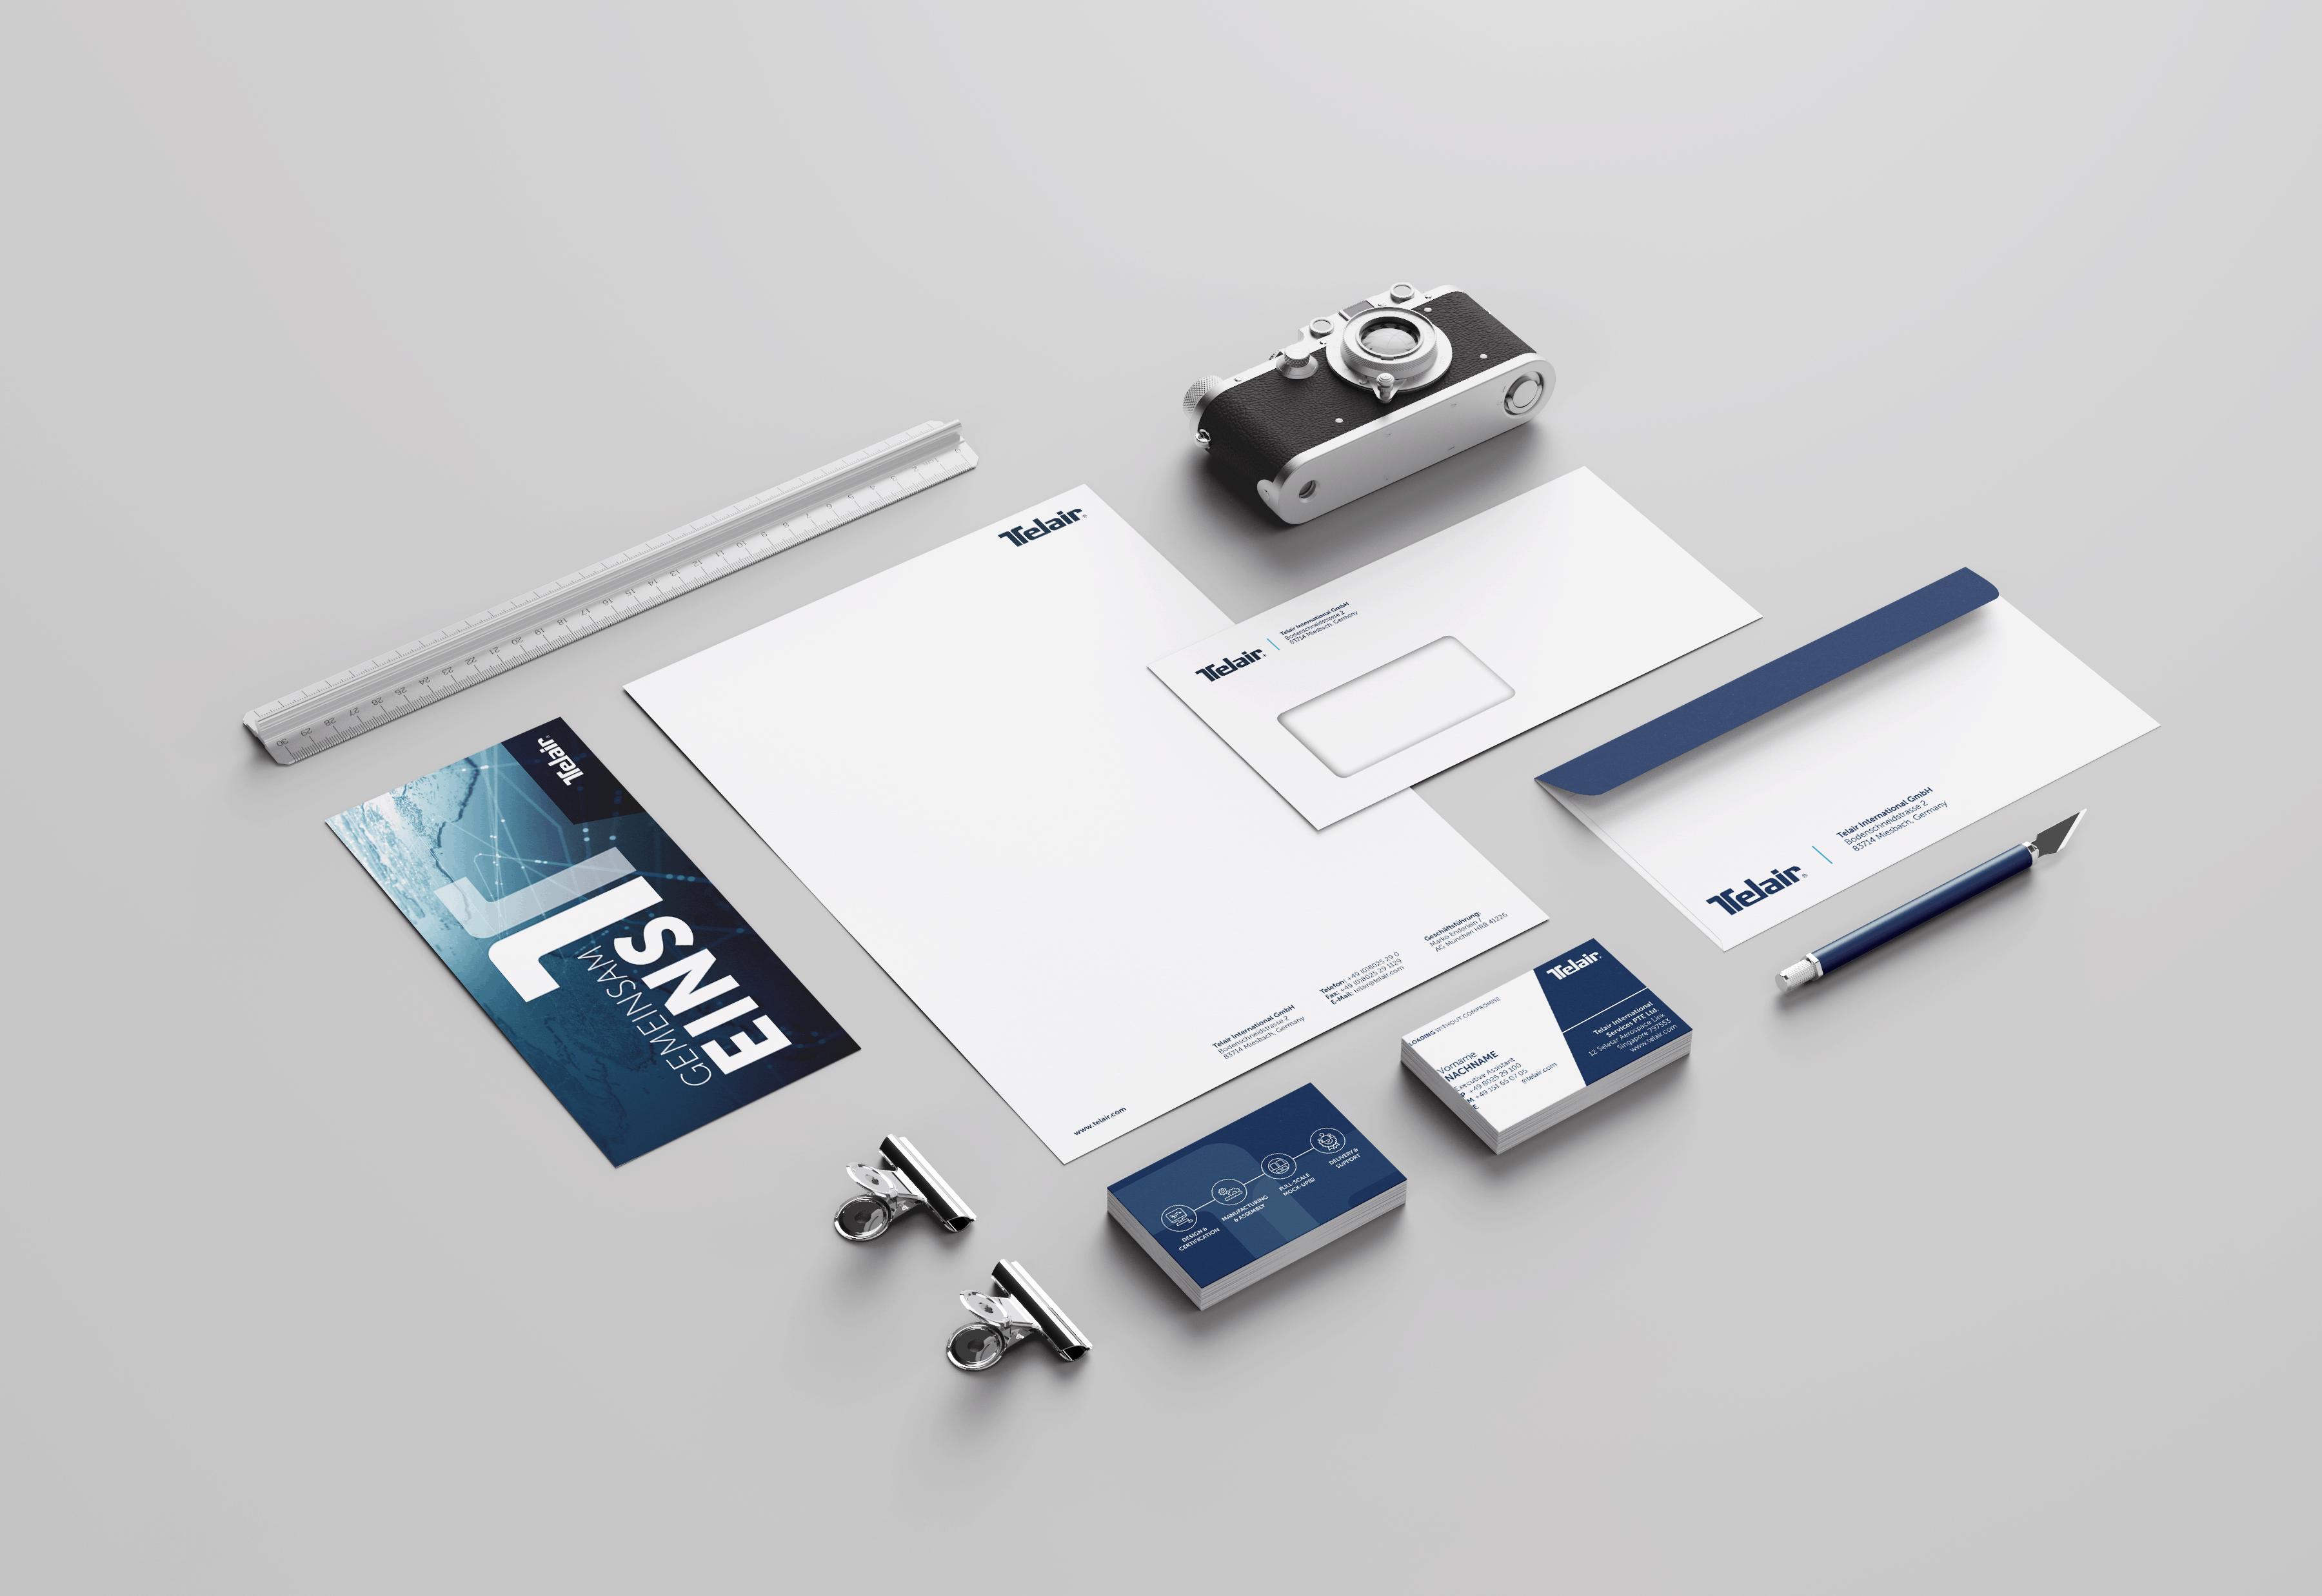 Wir gestalten deine Geschäftsausstattung. Alle Formate und Größen. Briefpapier, Umschläge, Visitenkarten, Blöcke. Die Produktion übernehmen wir auch. Grafik Services